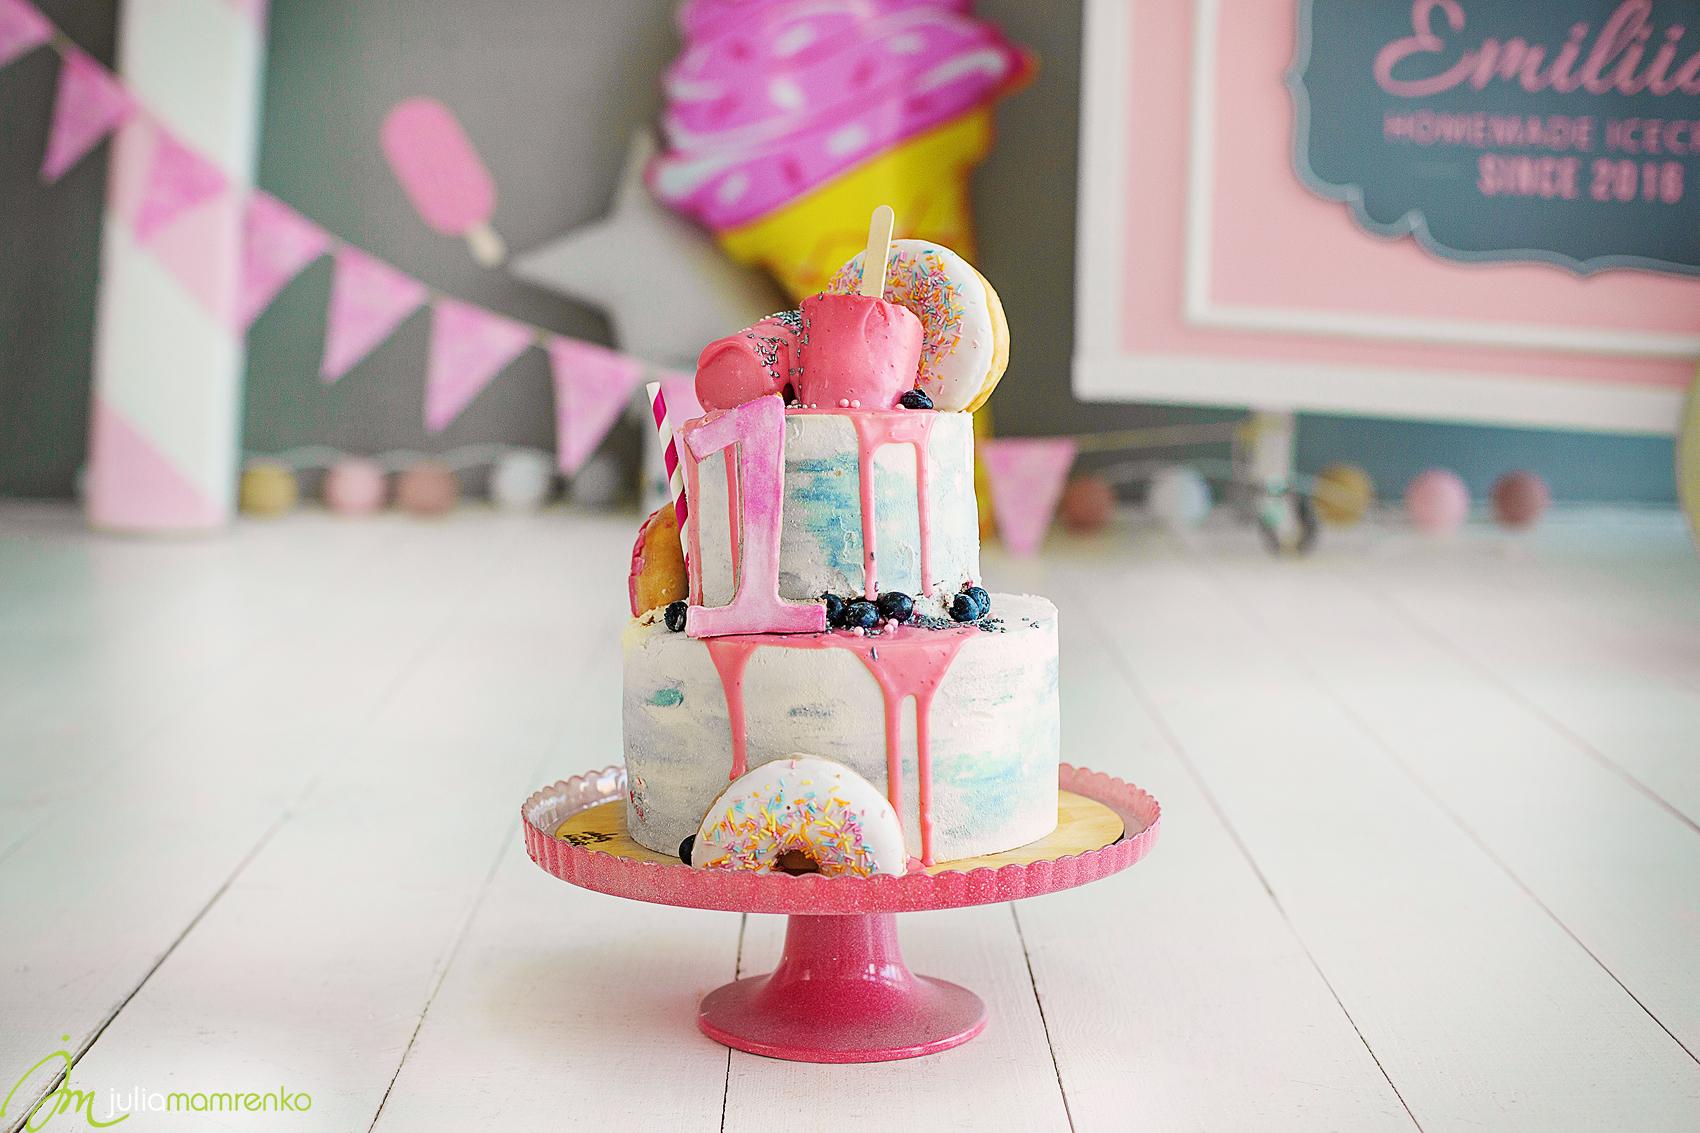 cakesmash_rafinad_Emilia_Ice_CREAM_3